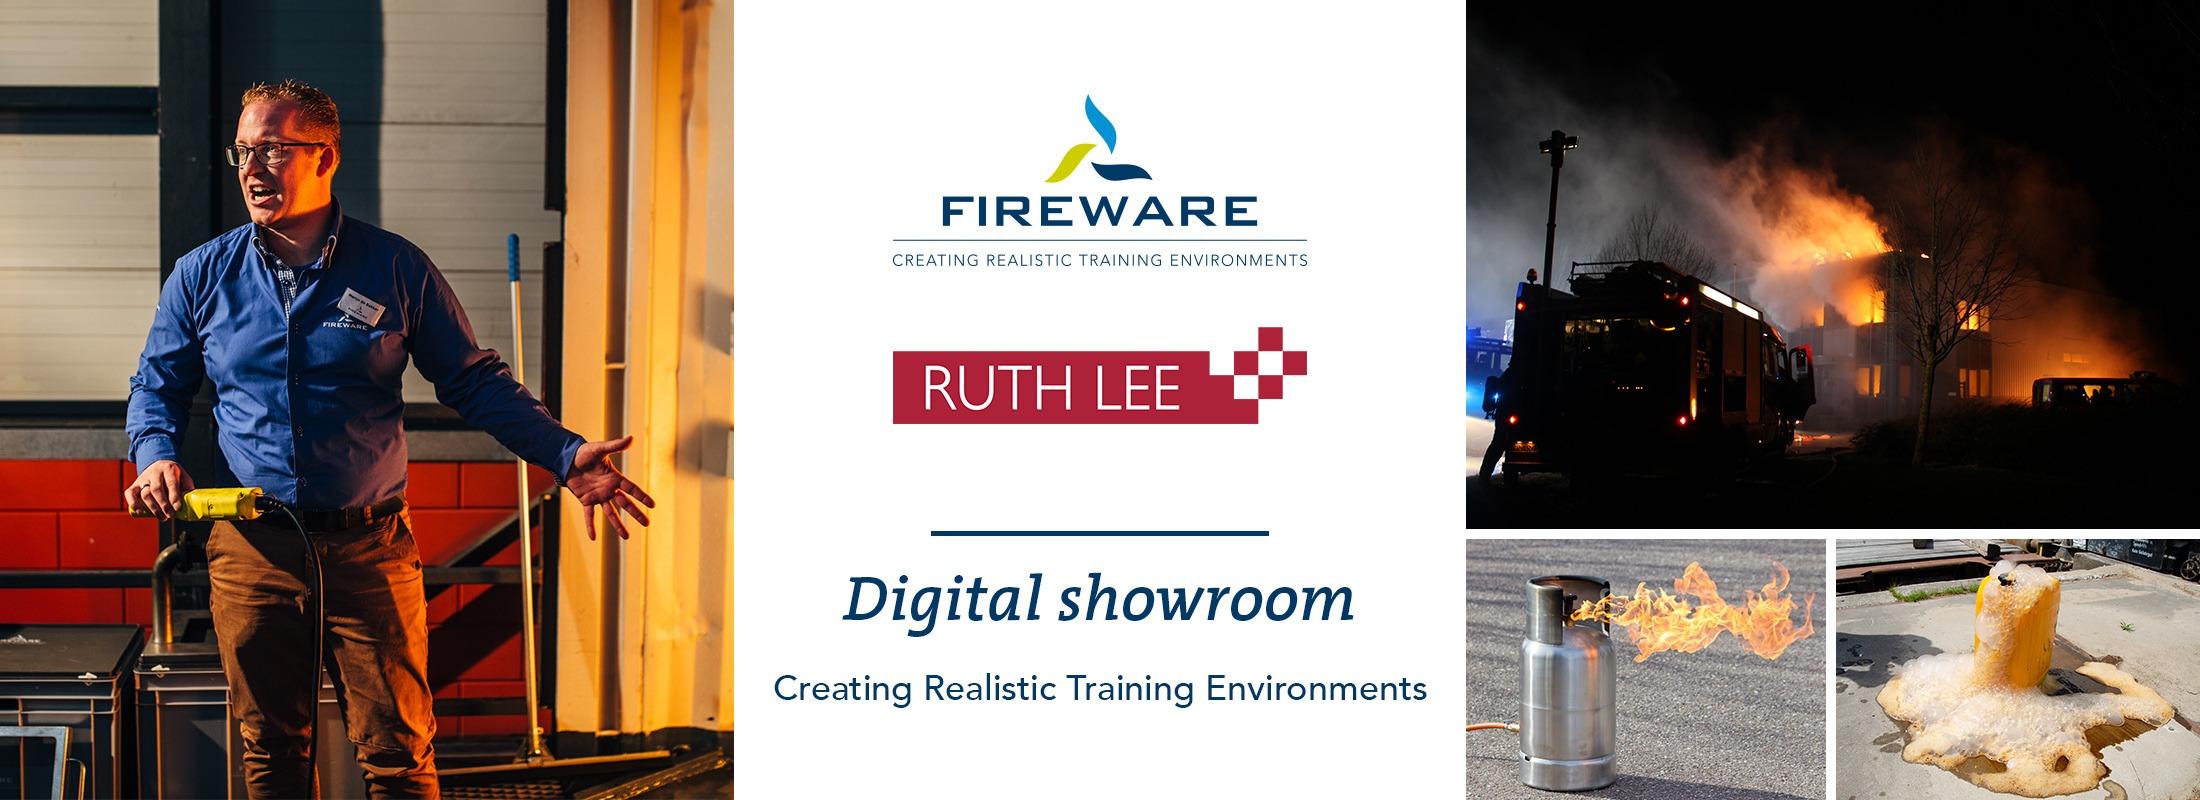 Ruth Lee digital showroom